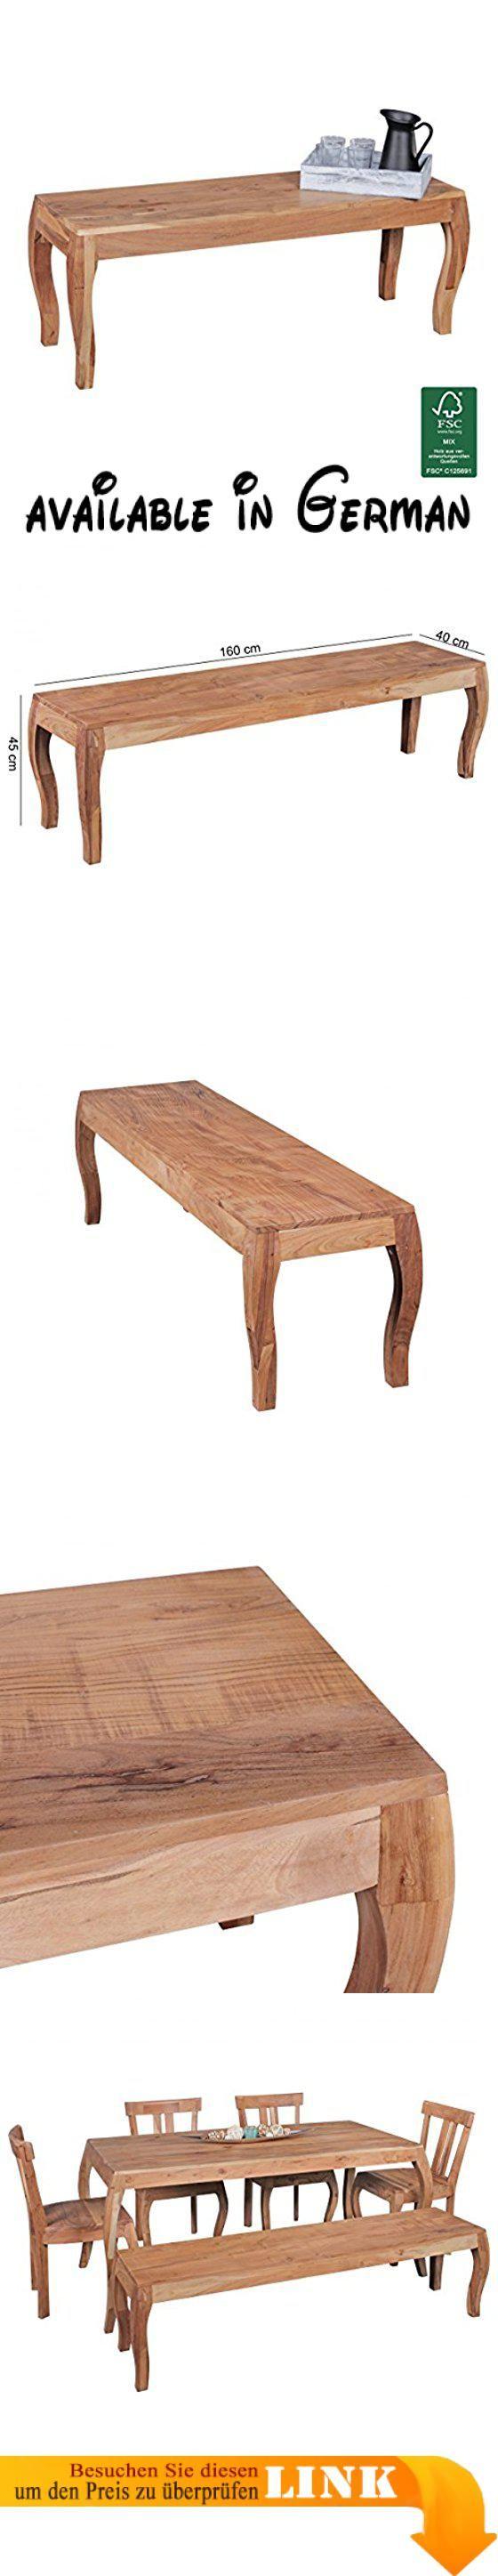 B06XSR3TLB : Esszimmerbank Holz Akazie Massiv 160 cm ohne Lehne | Sitzbank Esszimmer Barock Style | Küchenbank für 4 Personen freistehend Natur. Die Einzigartige Maserung des Akazien Holzes macht jede Bank zu einem Unikat. Abmessungen der Sitzbank: Länge: 160cm Tiefe: 40 cm Höhe: 45cm | Ideal für 4 Personen. ECHTHOLZ  Die Bank besteht aus massivem Akazienholz - Die Oberfläche ist mit Schutzlack versiegelt. NACHHALTIG  FSC zertifizierte Ware